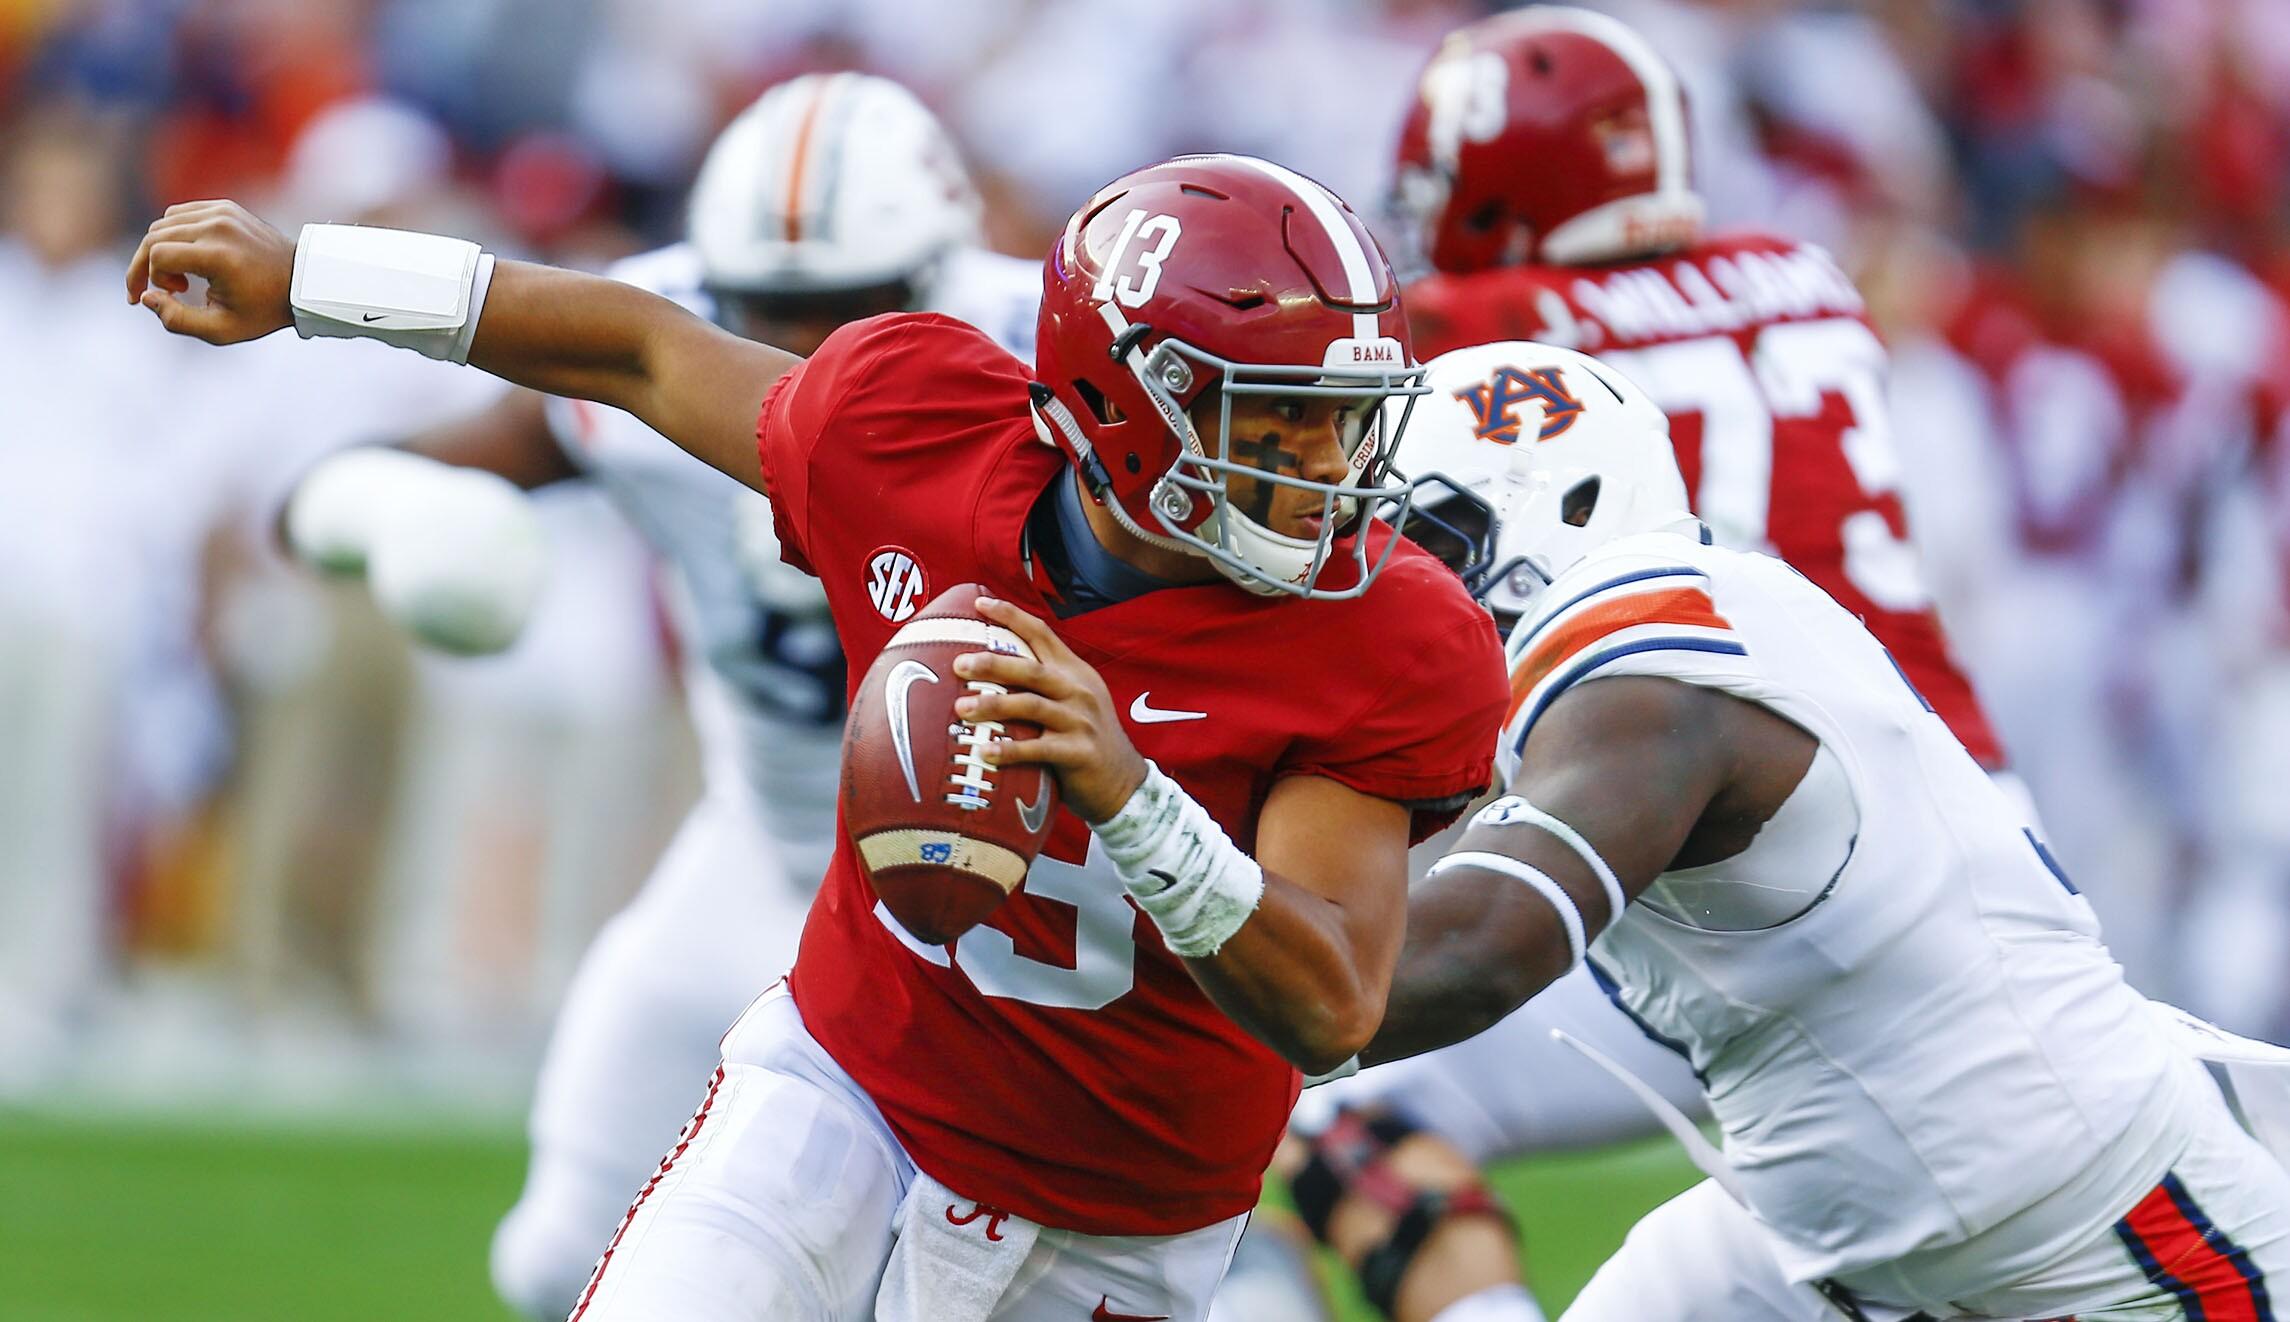 e6c3f8e23a7 Alabama quarterback Tua Tagovailoa (13) escapes pressure from Auburn  defensive lineman Marlon Davidson (